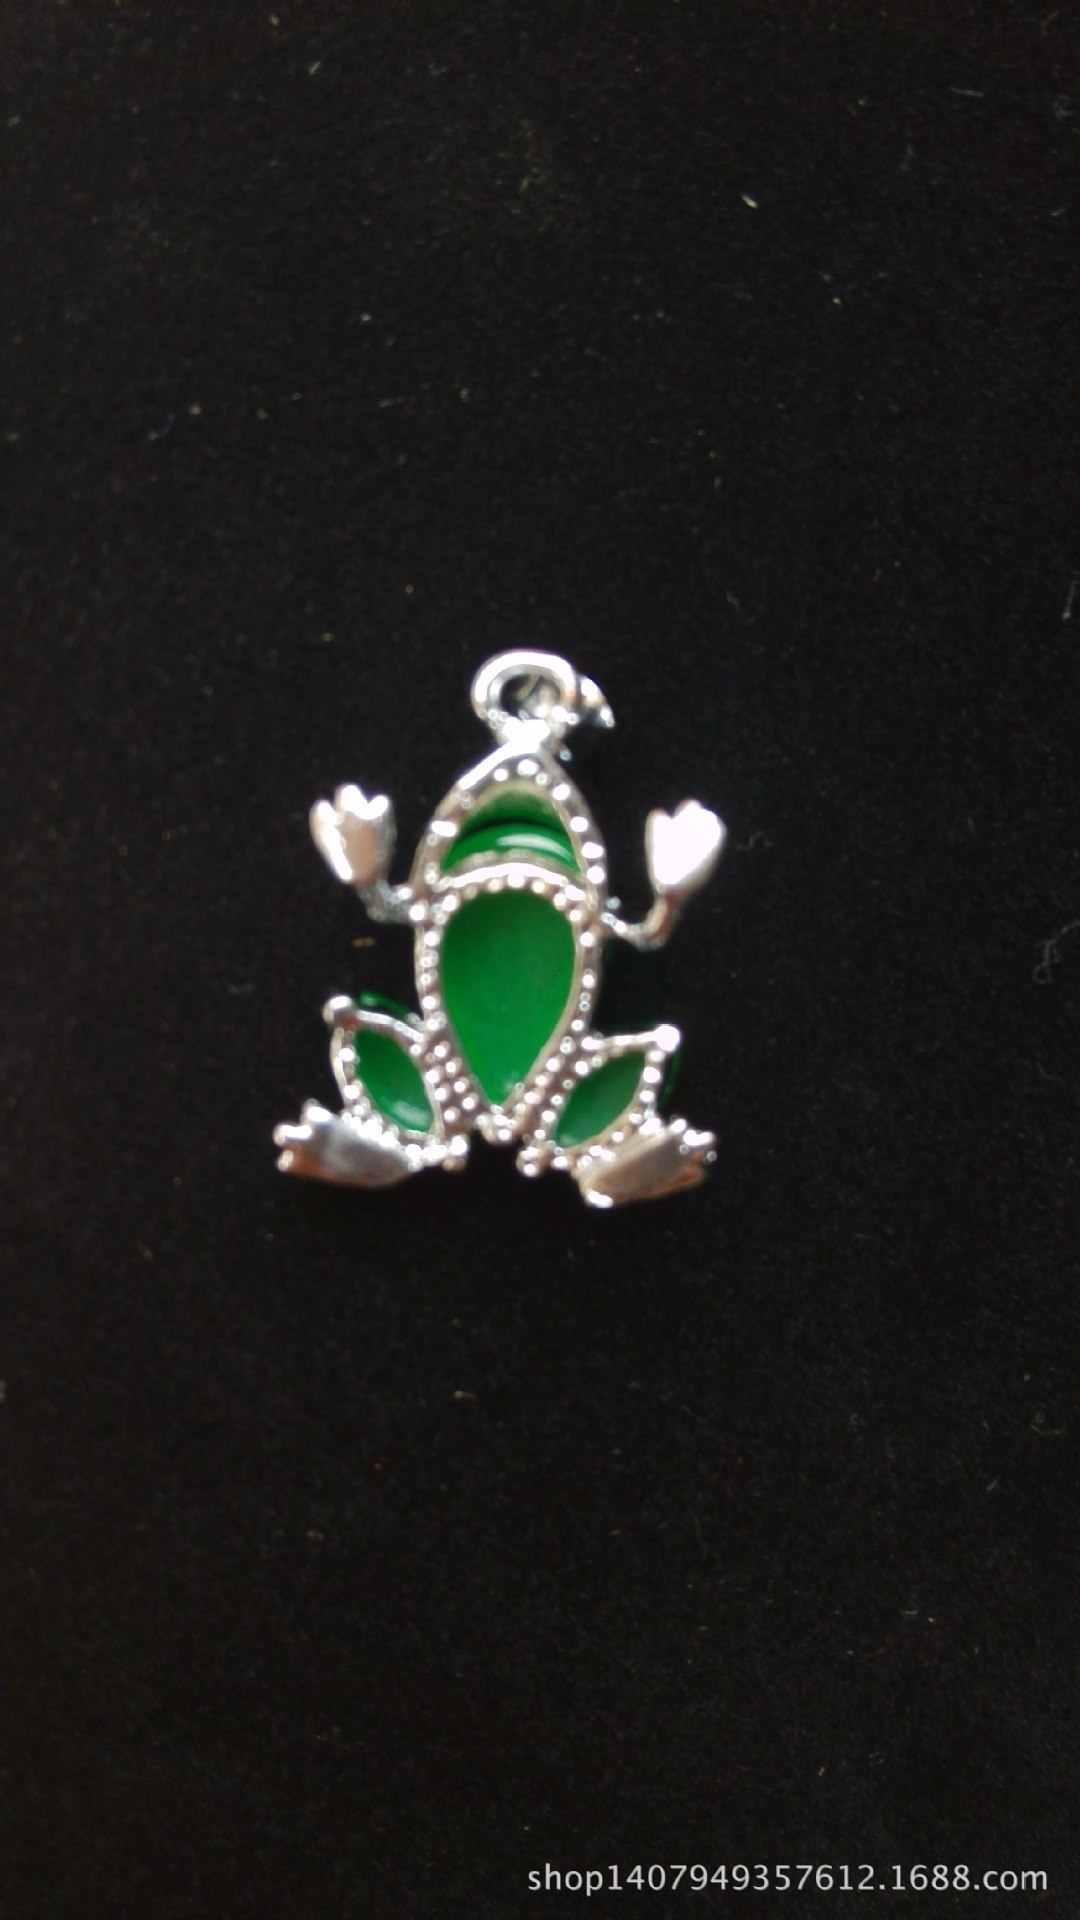 ธรรมชาติสีเขียวหยกกบจี้สร้อยคอสร้อยคอสร้อยคอสร้อยคอสร้อยคอสร้อยคอสร้อยคอสร้อยคอสร้อยคอสร้อยข้อมืออัญมณีแฟชั่นอุปกรณ์เสริมมือแกะสลัก Man AHD ผู้หญิง Luck ของขวัญ Amulet